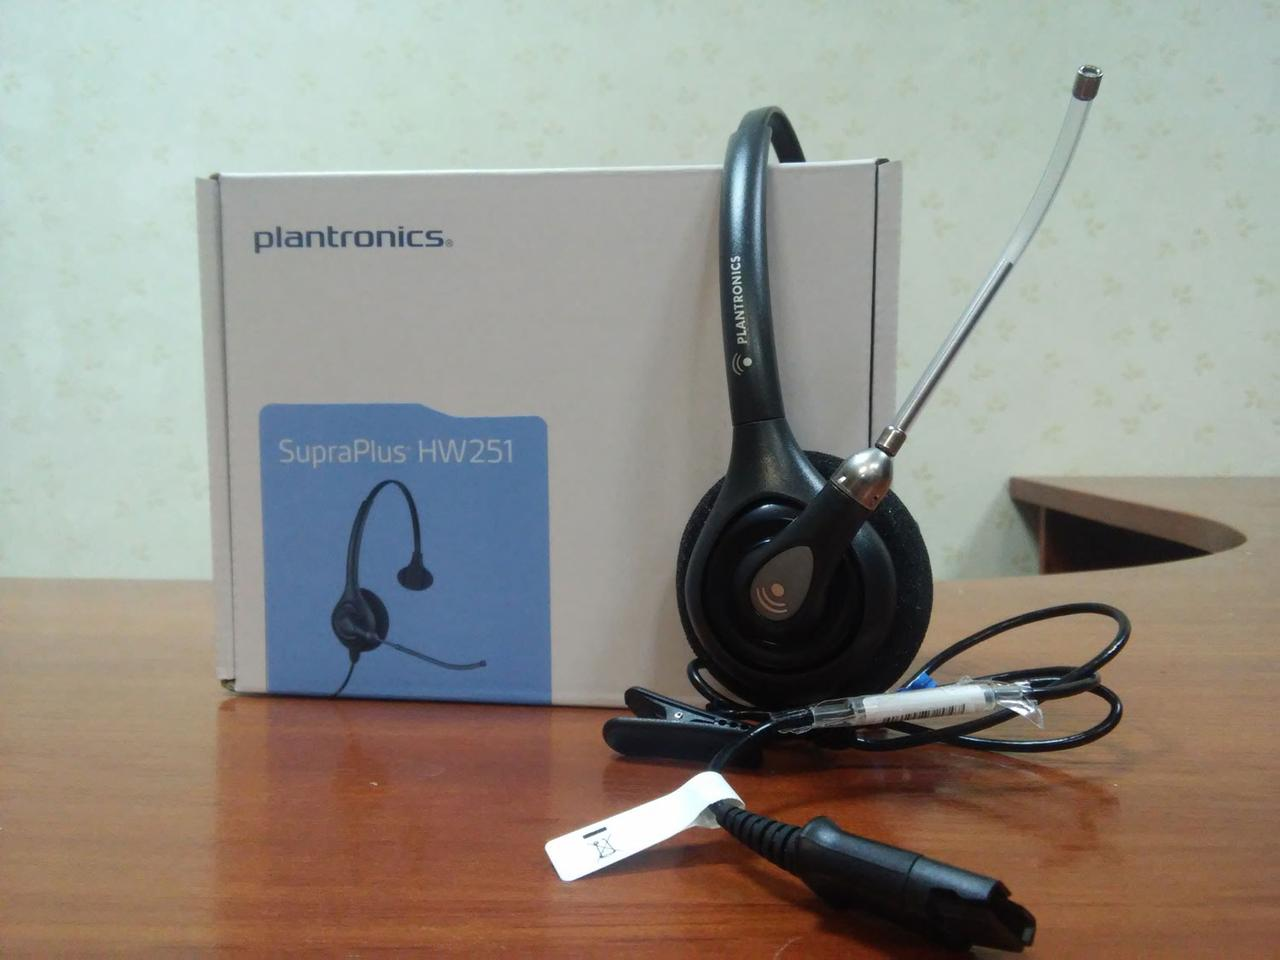 Профессиональная USB гарнитура Plantronics SupraPlus HW251 для call центра (Новая)